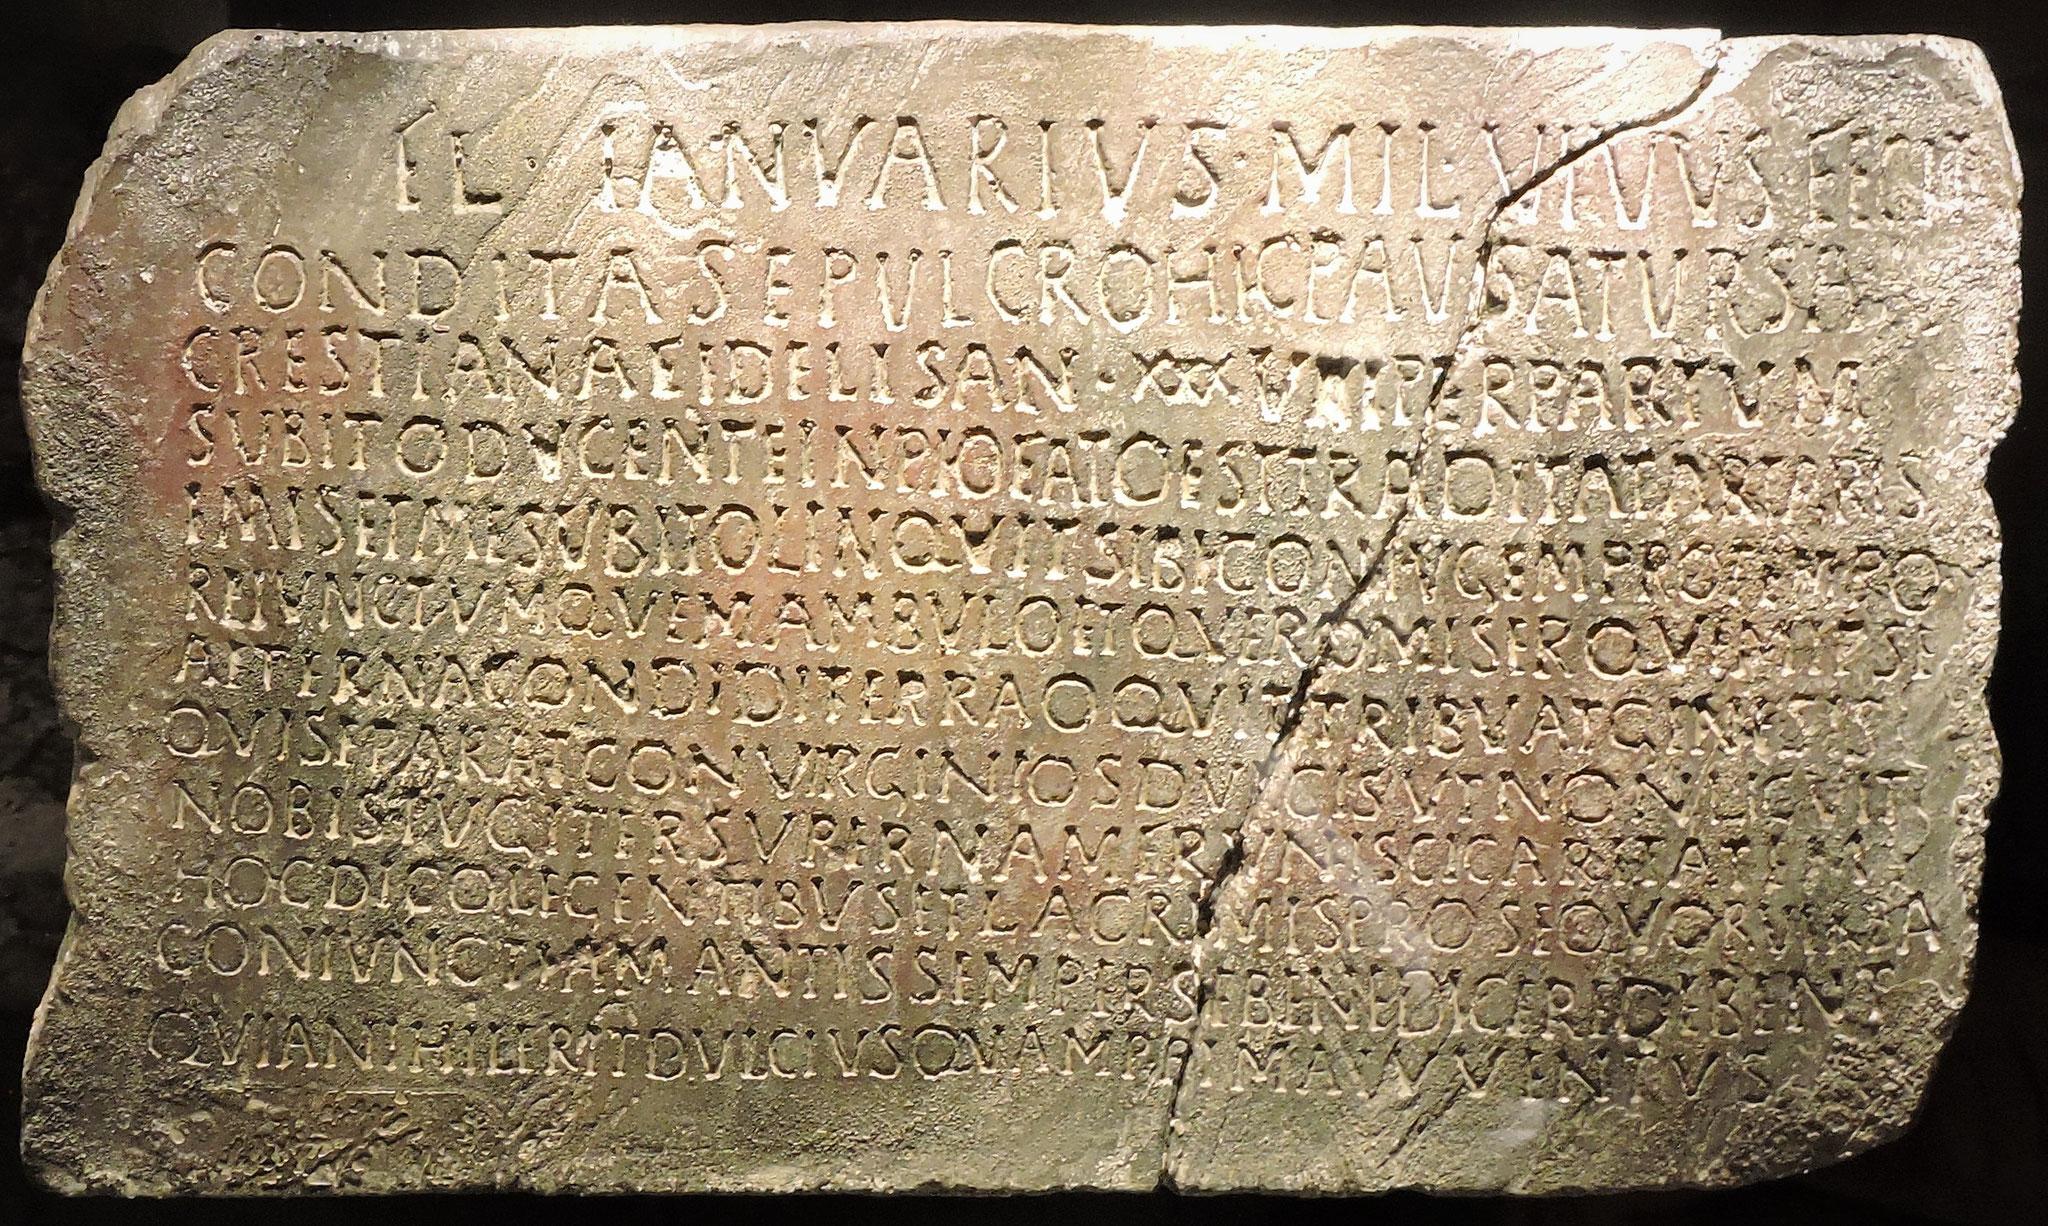 Der Grabstein der Ursa - ein frühchristliches Zeugnis  ©B. Bichler